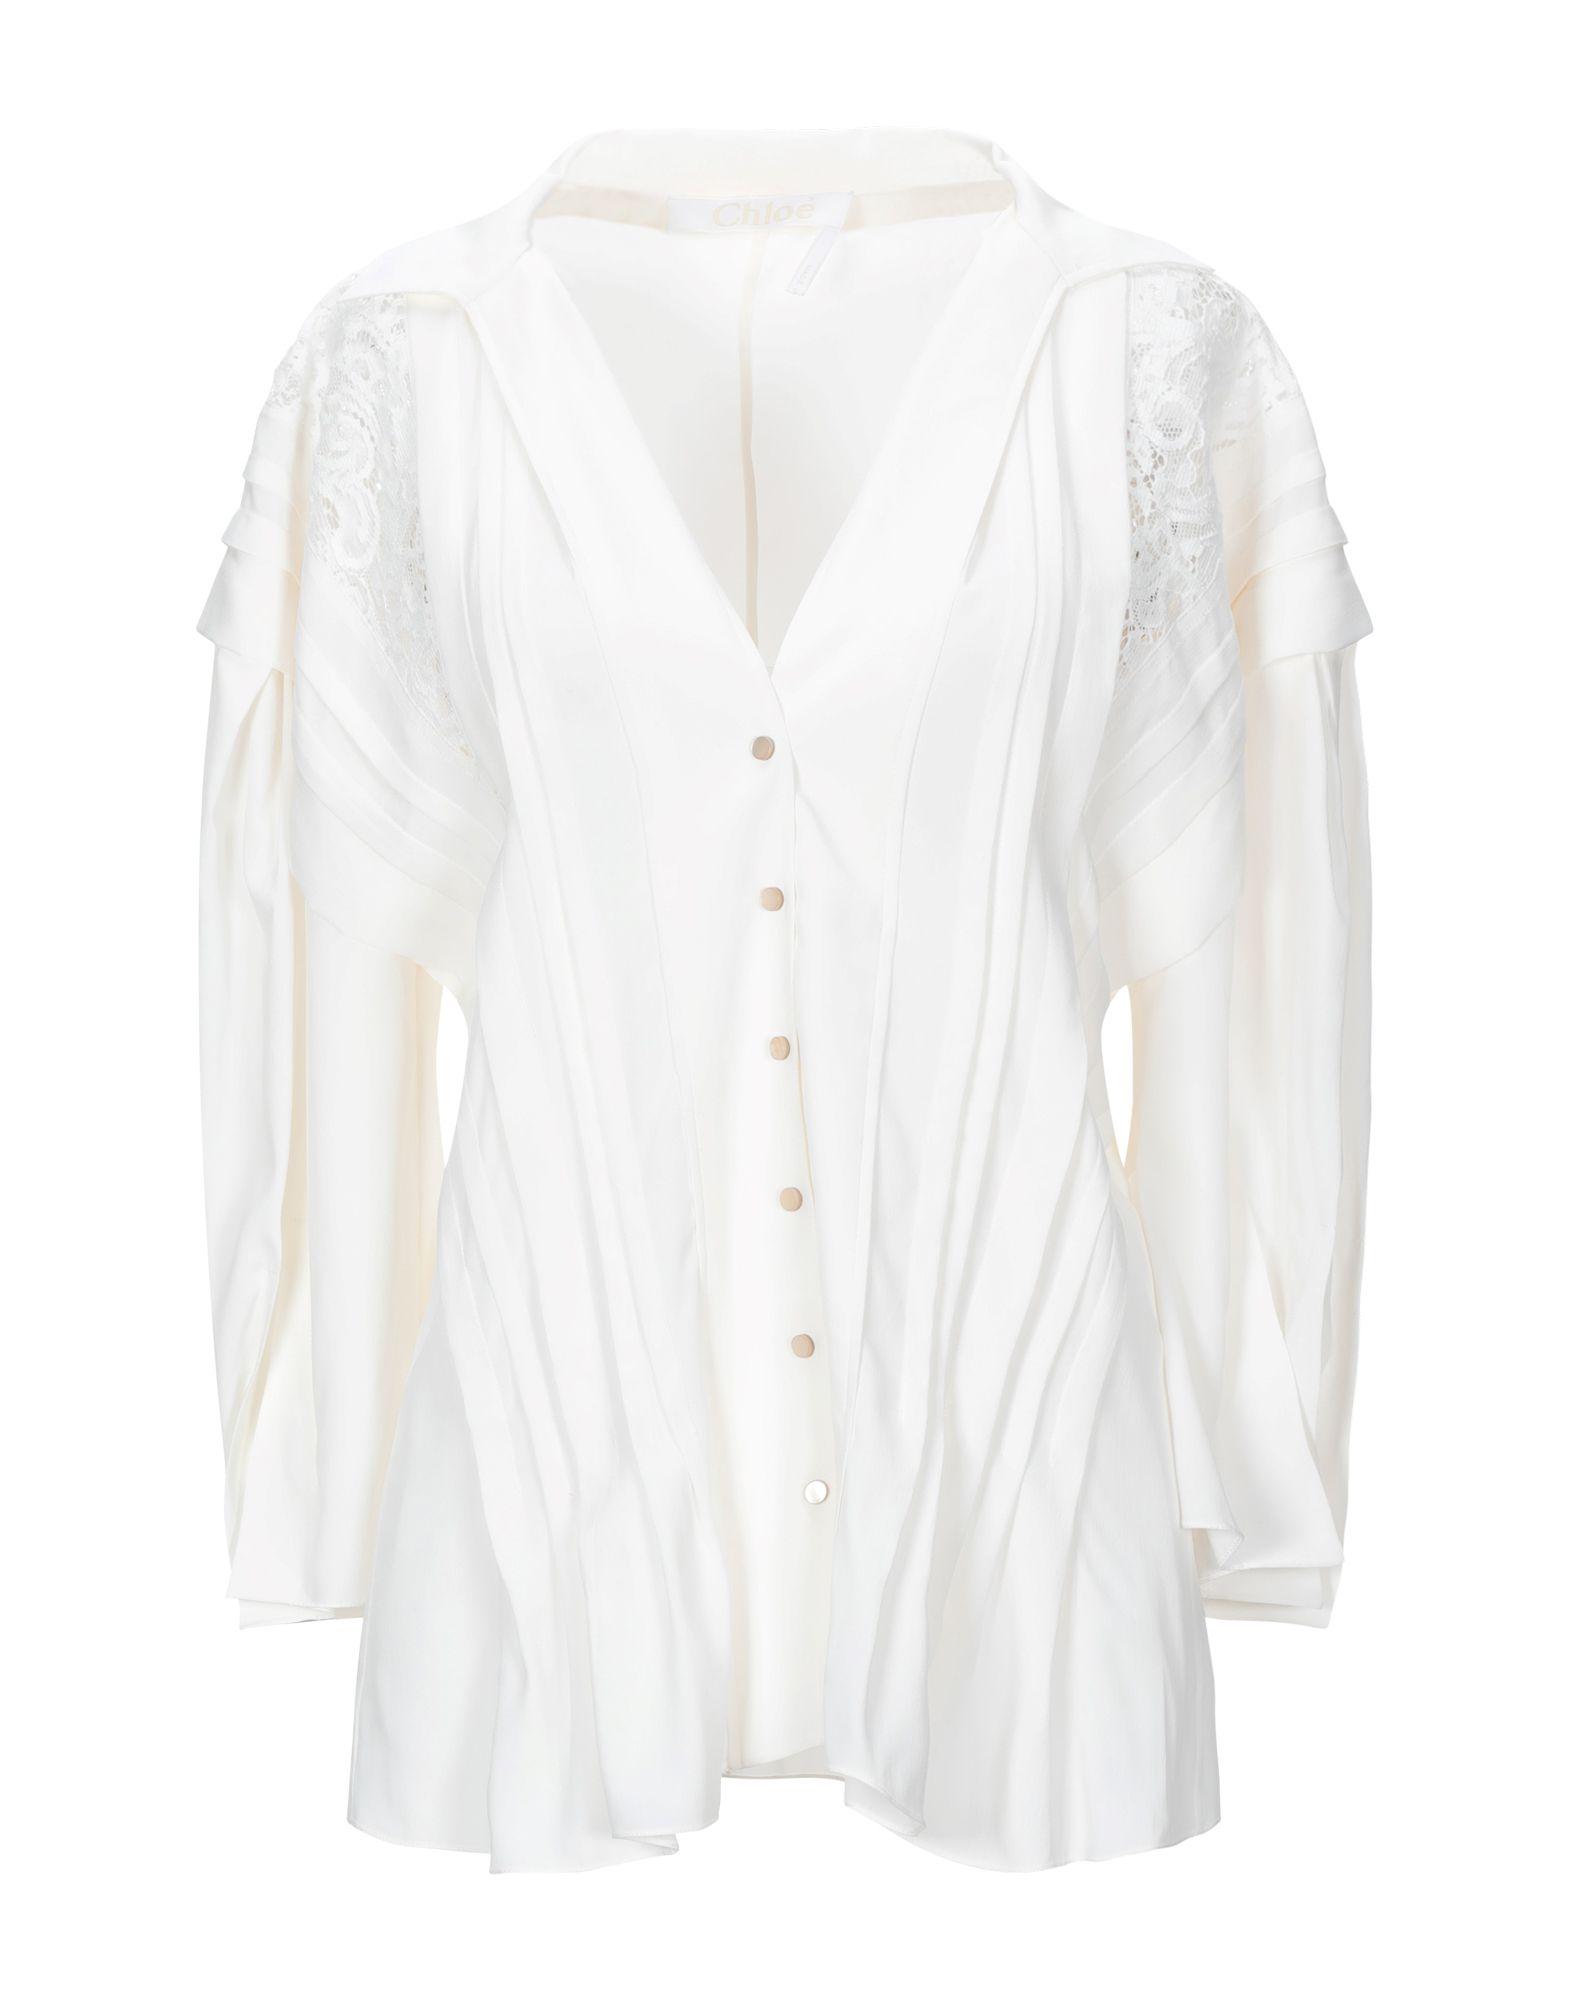 CHLOE 셔츠 - Item 38842444